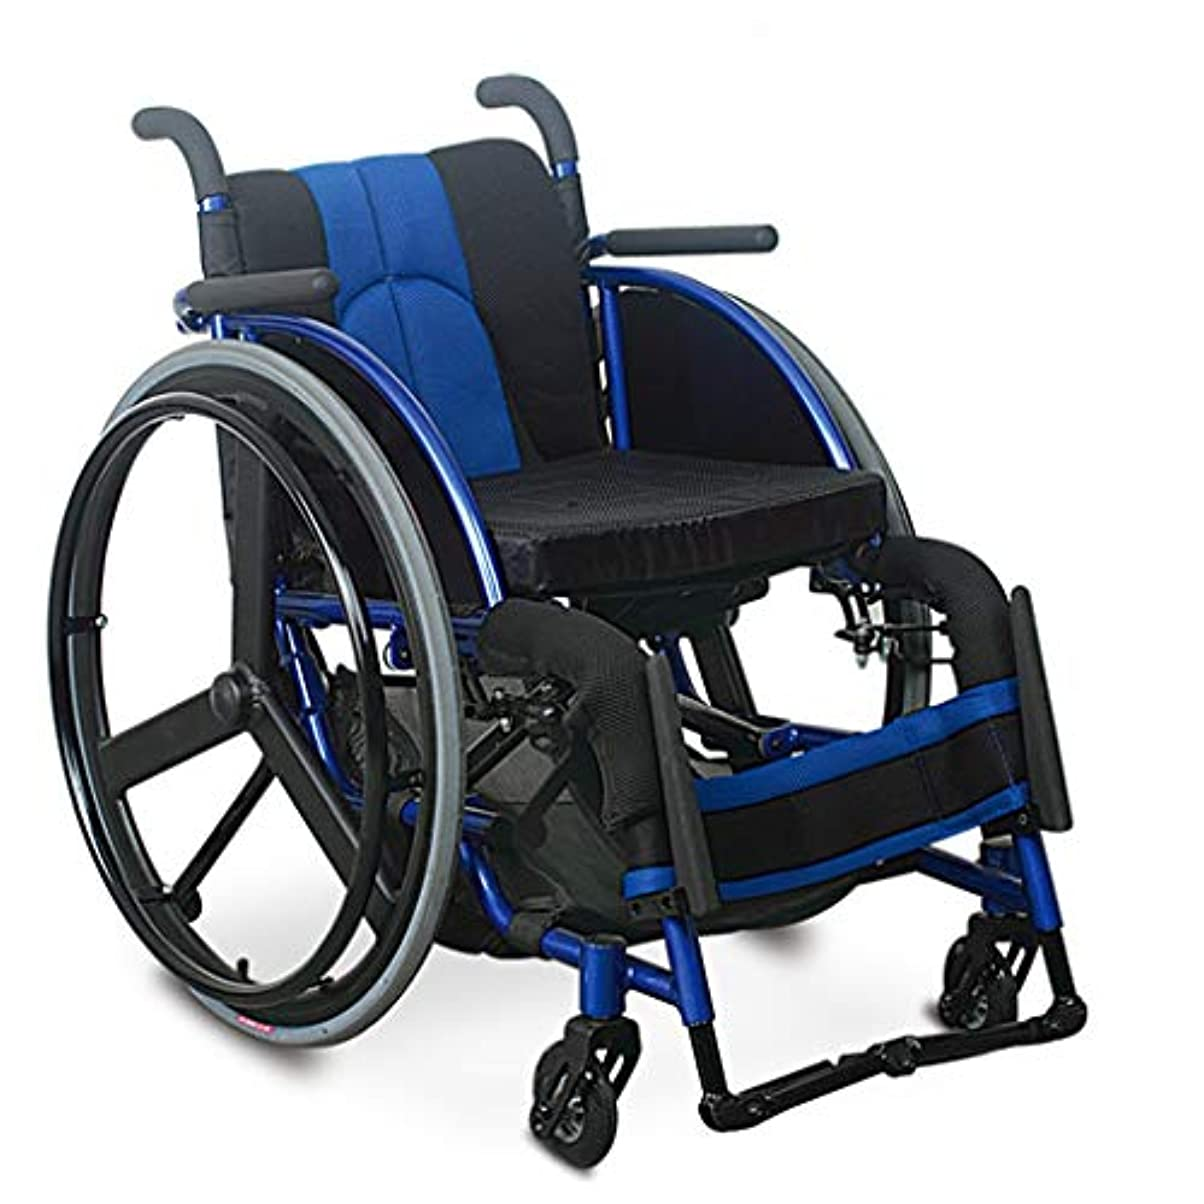 繰り返すタップ噛む車椅子折りたたみ、PUミリオンフロントホイール、高齢者障害者用車椅子トロリー